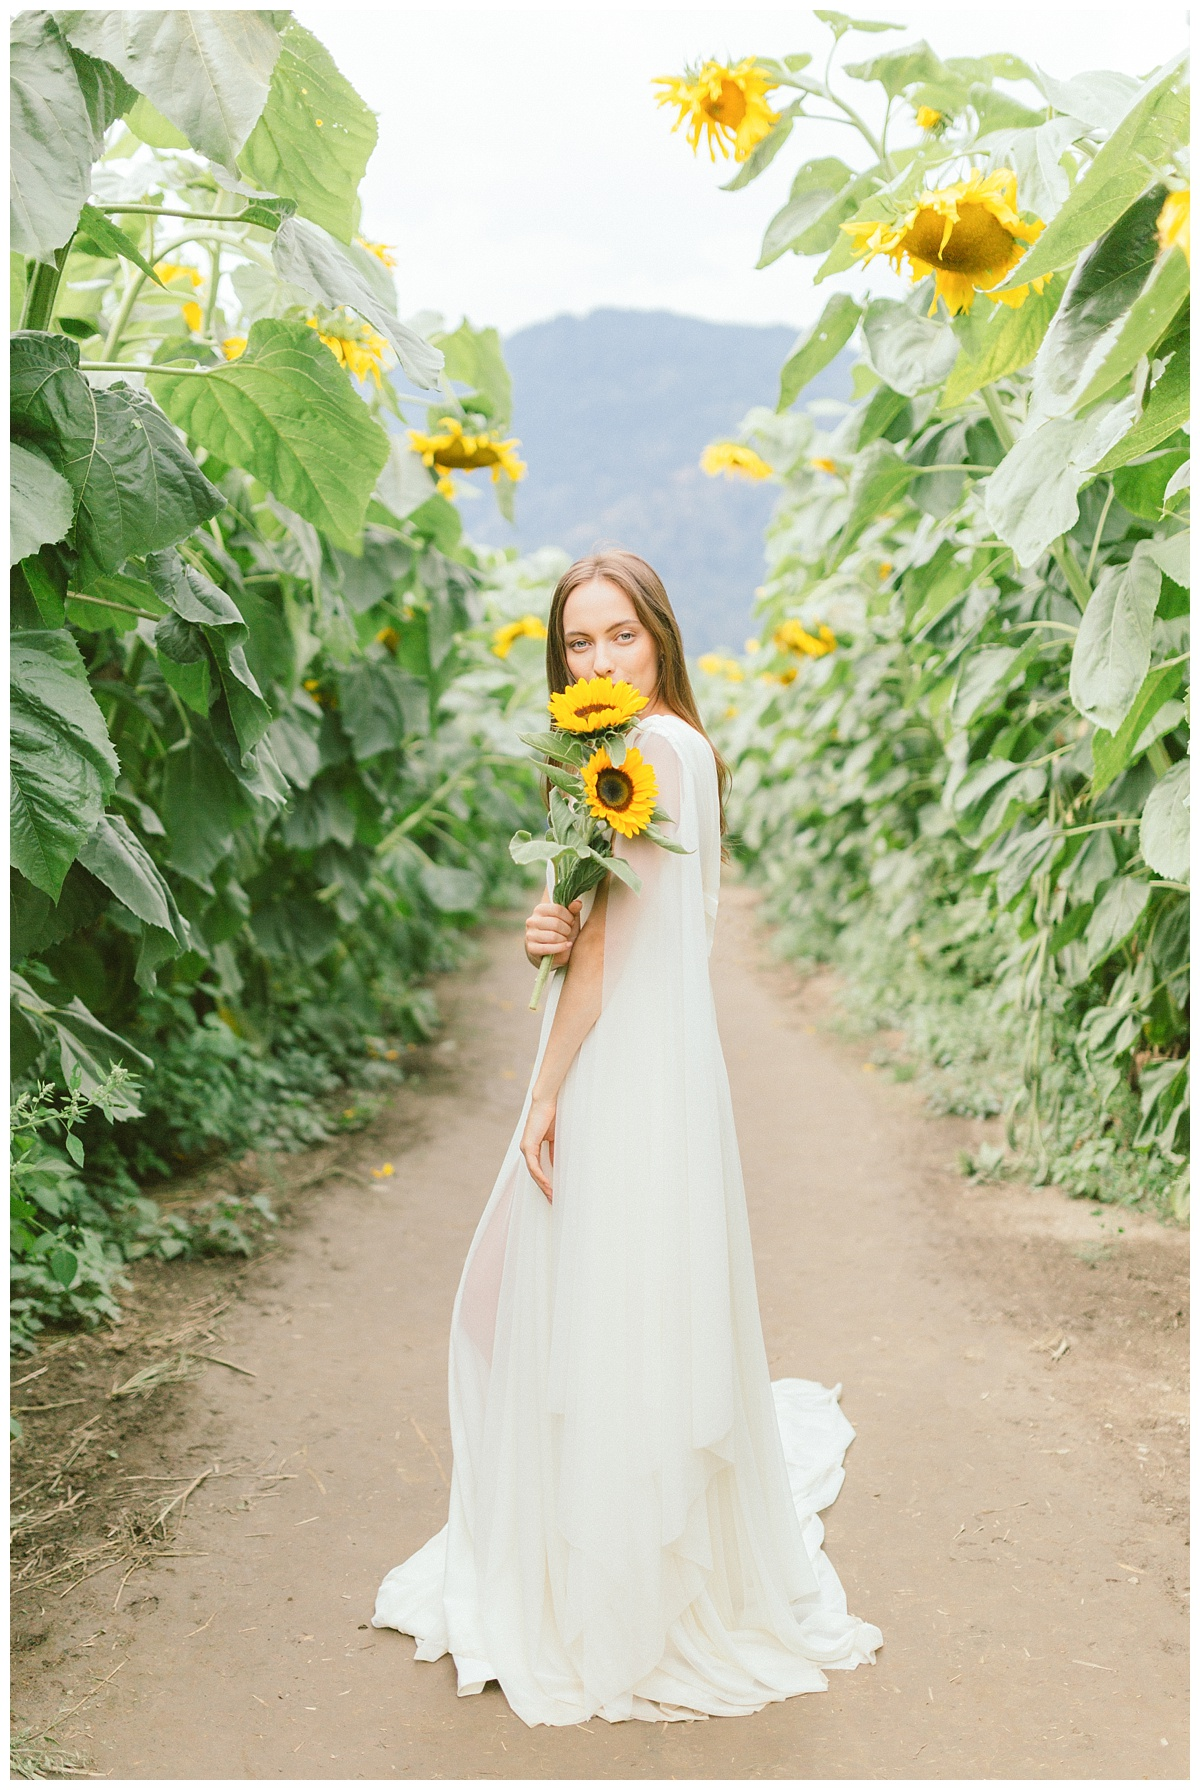 Hong Kong Vancouver Fine Art Wedding Photographer Mattie C. 113.jpg